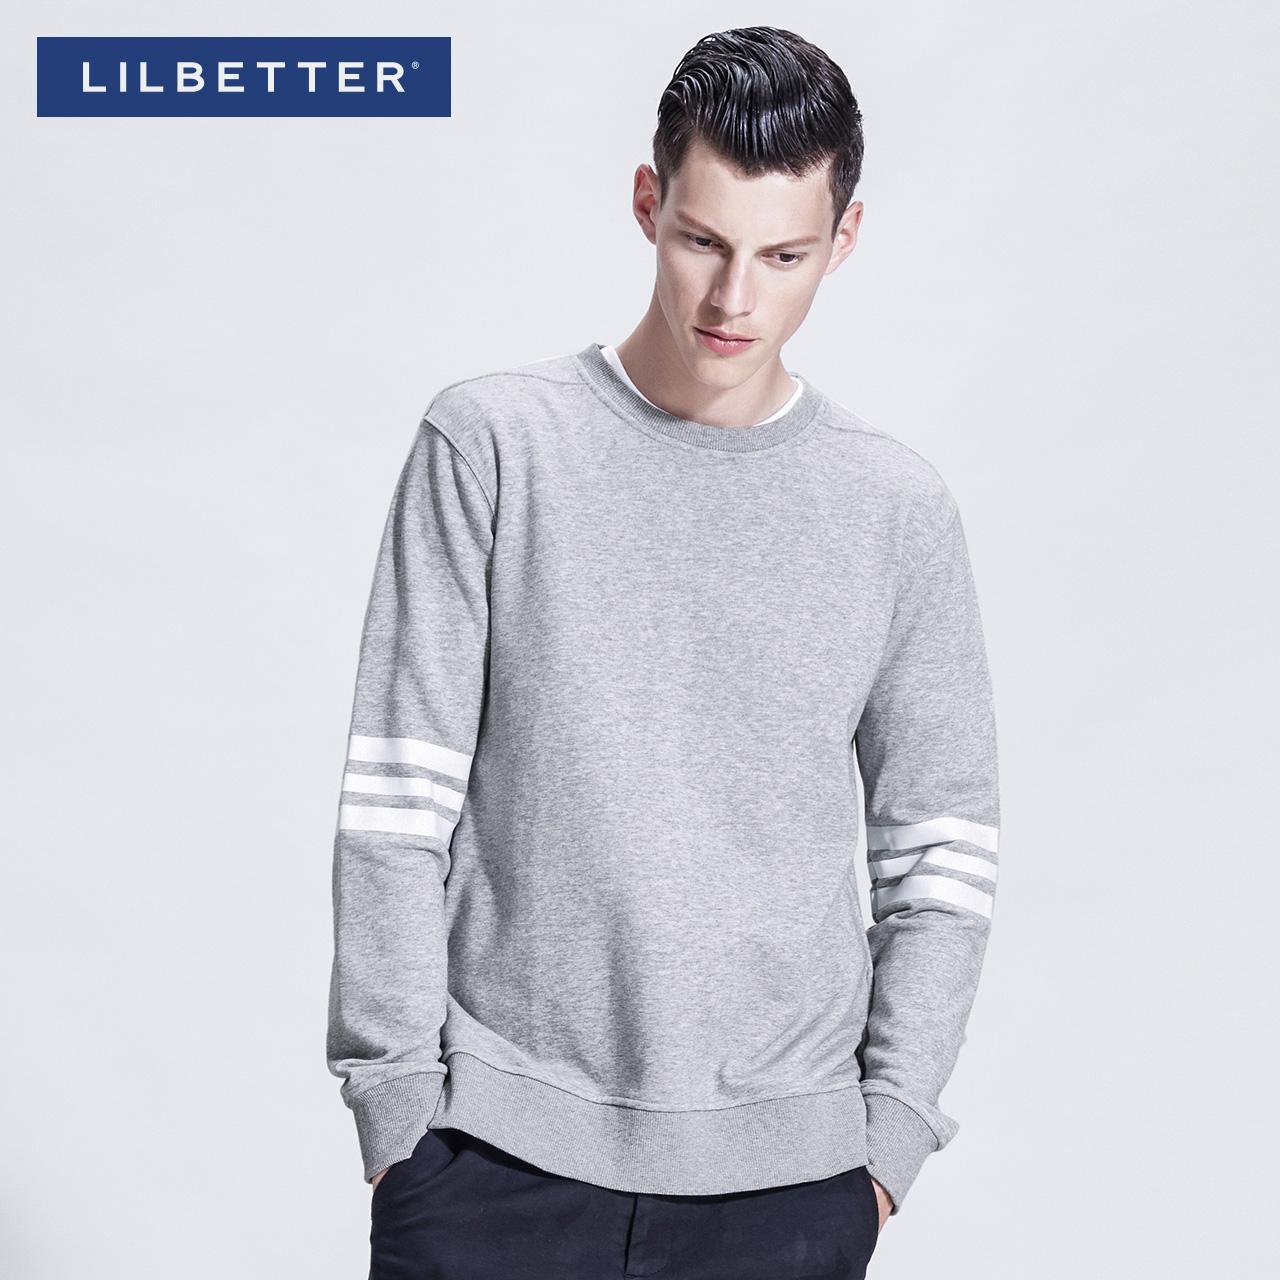 lilbetter衛衣套頭男 條紋圓領春裝款外衣潮牌混搭修身型男士外褂